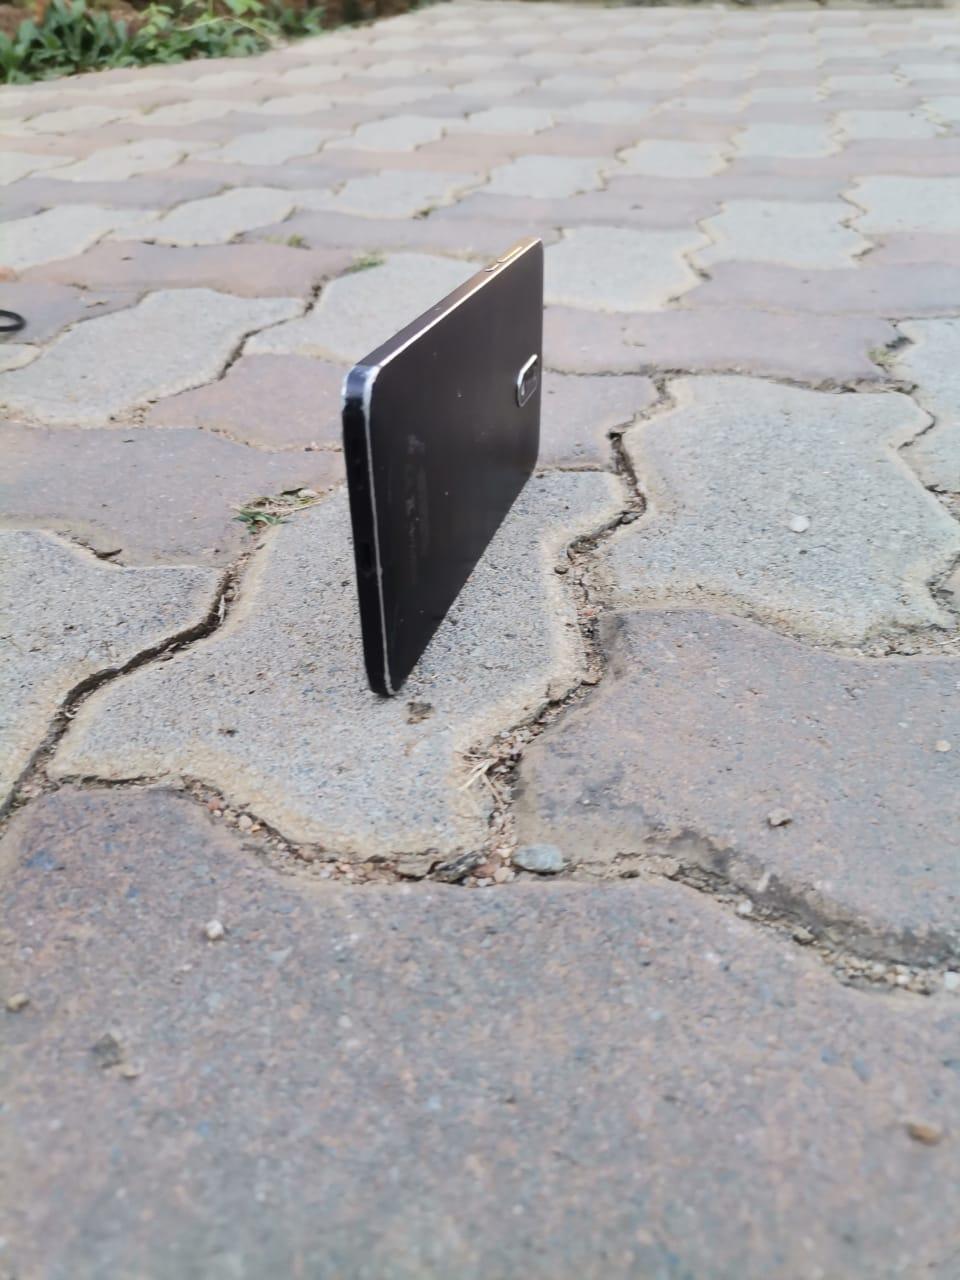 Nokia 6 for cheap